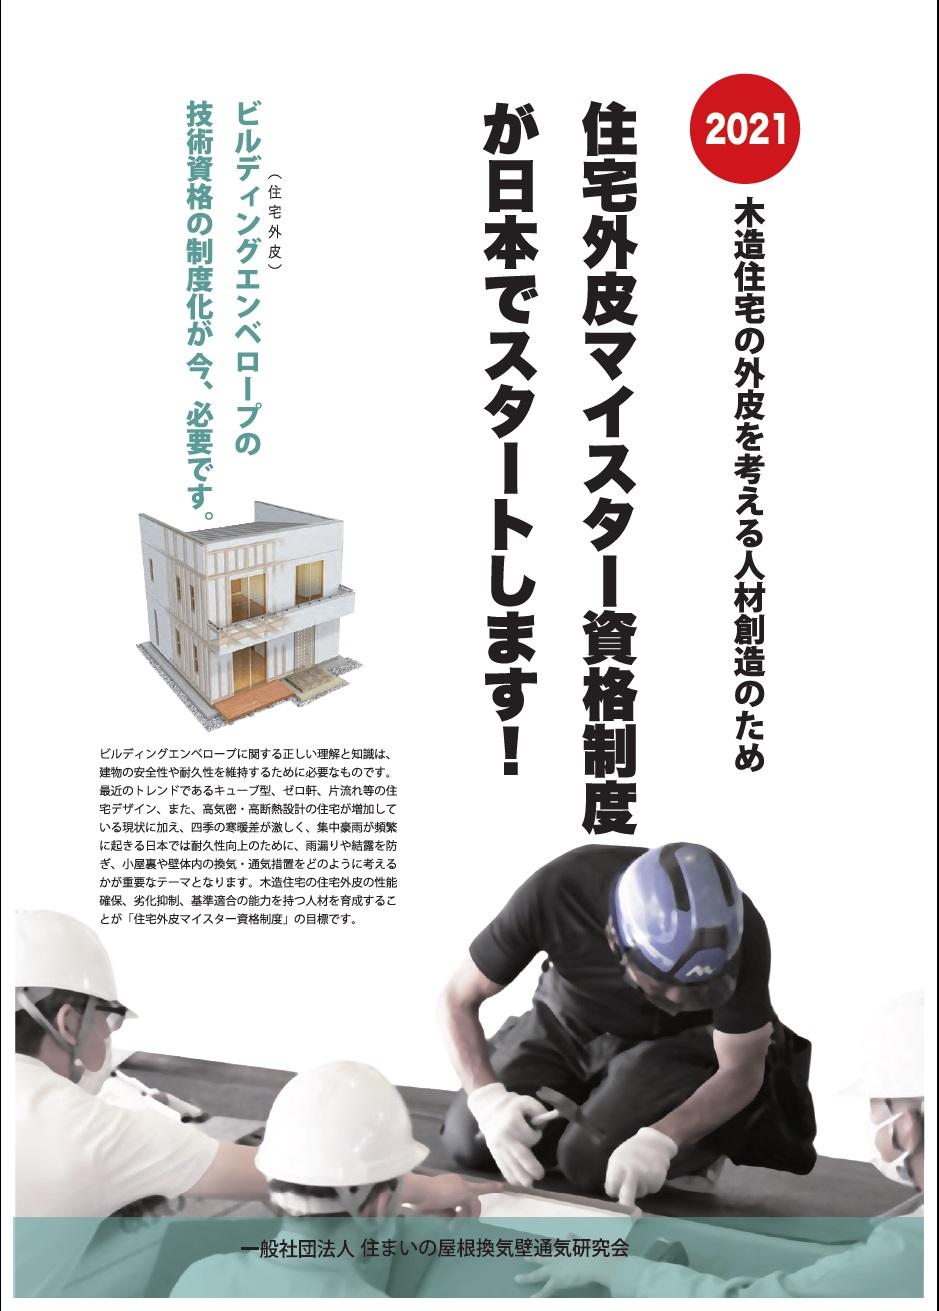 2021住宅外皮マイスター資格制度が日本でスタート